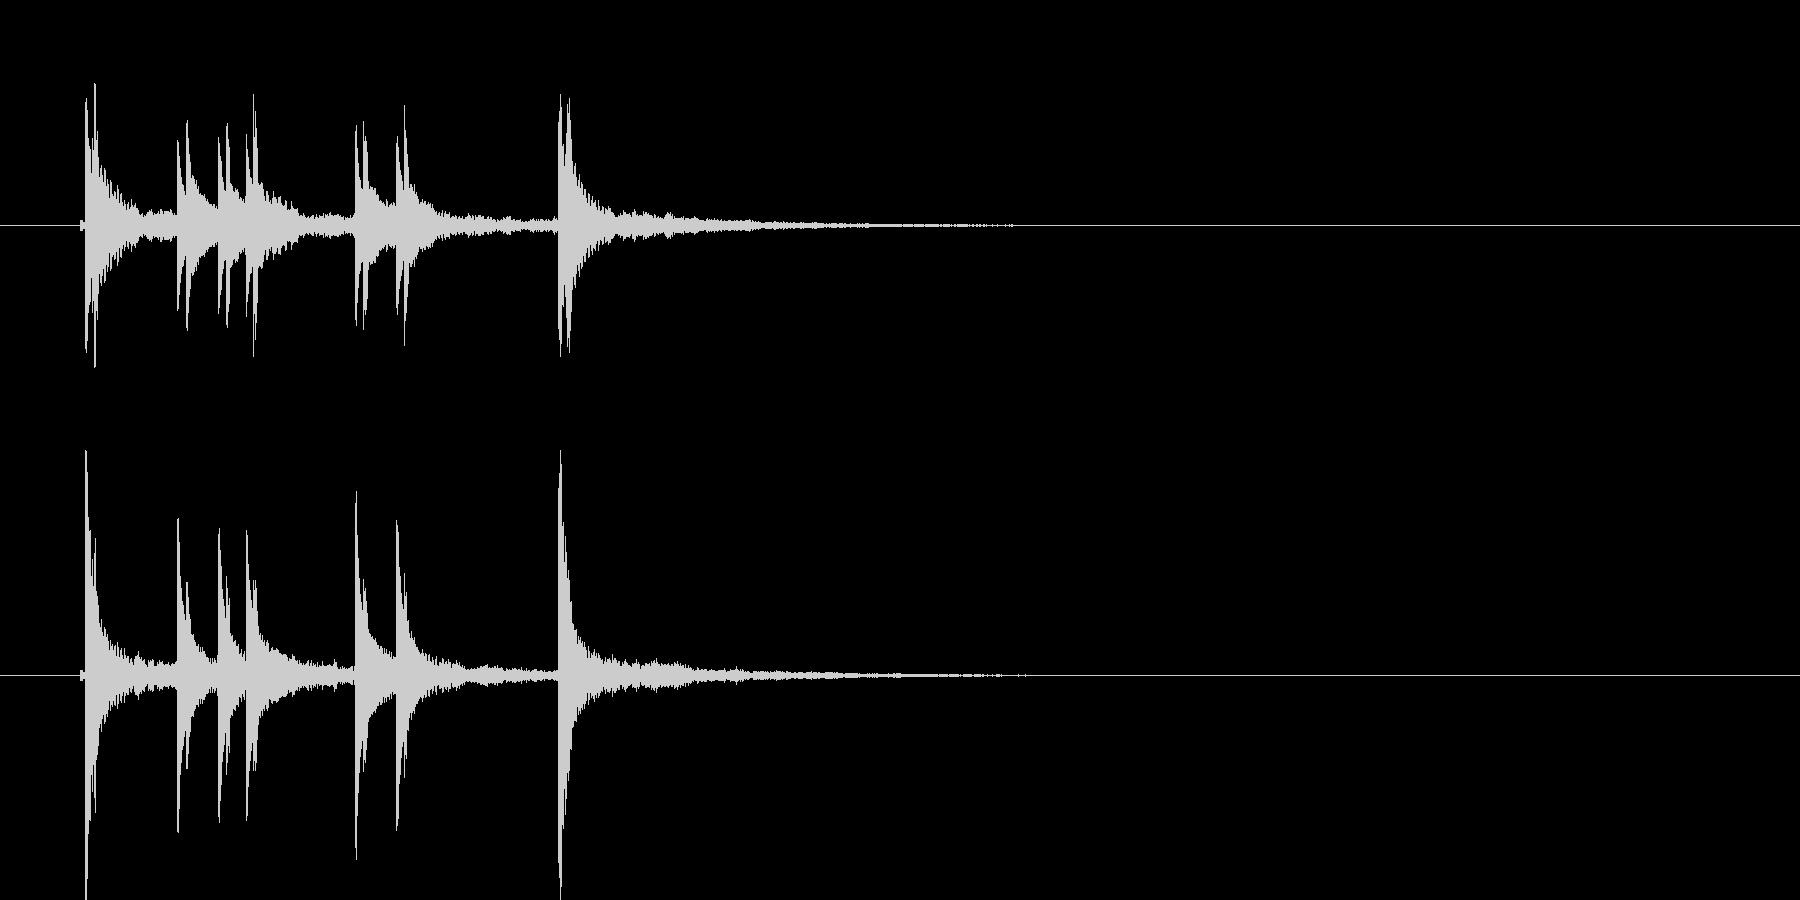 カンカラカンカン(和風の効果音)の未再生の波形